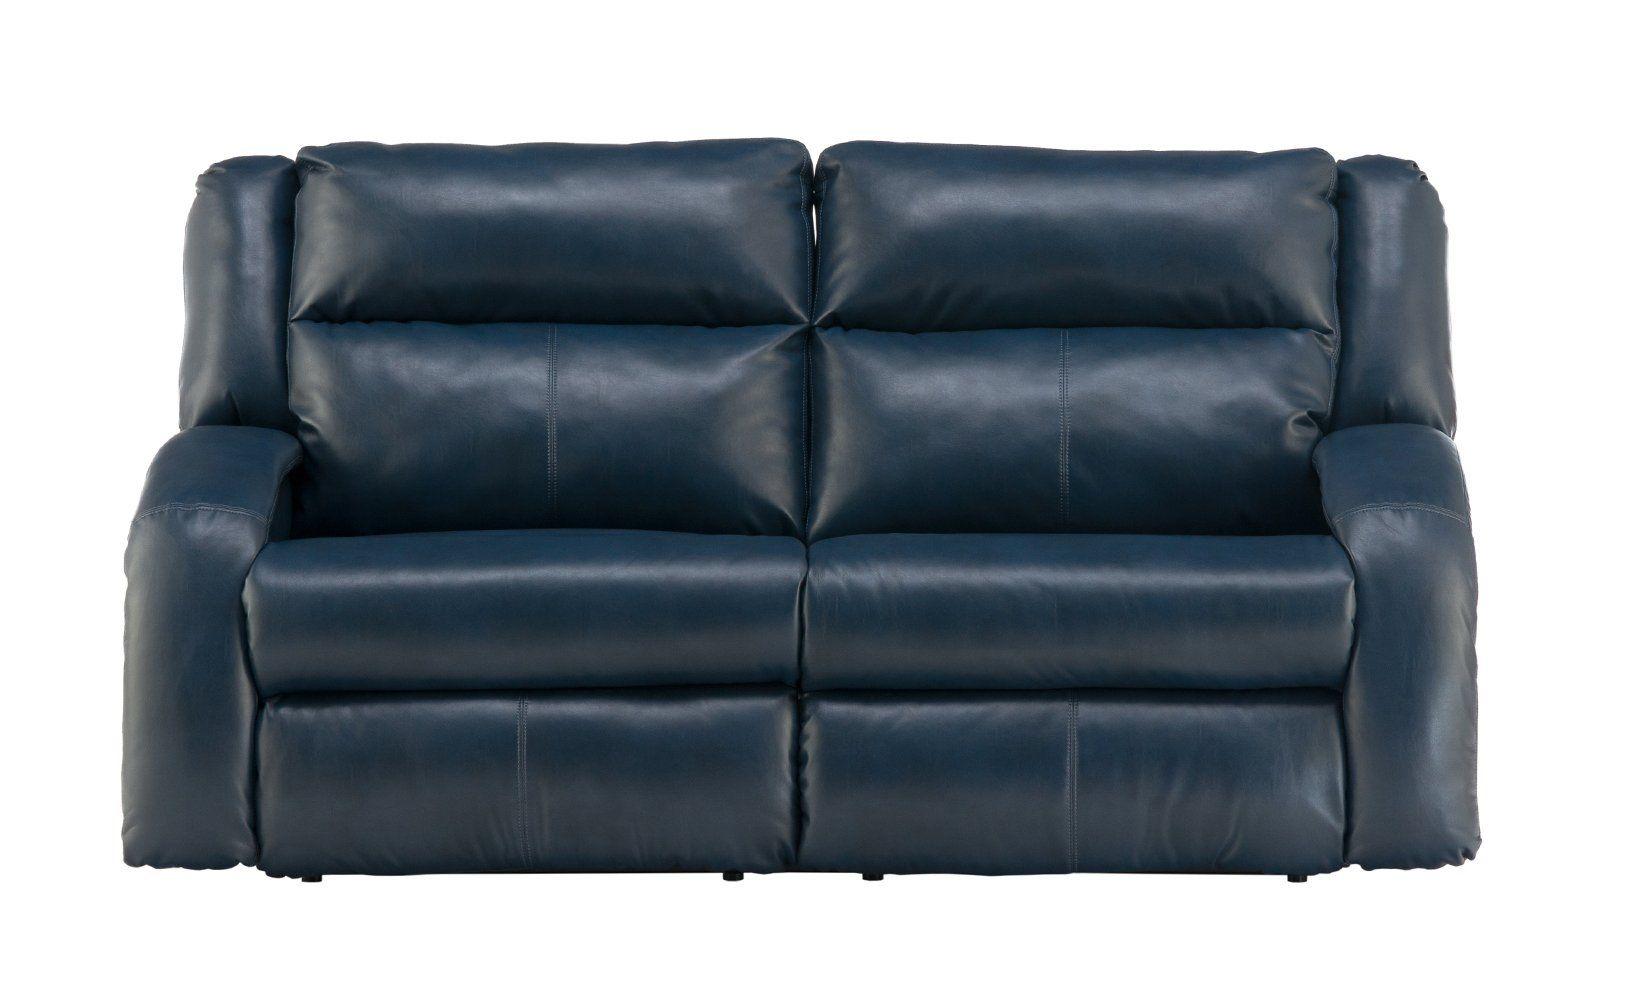 Super Maverick Double Reclining Sofa Products Sofa Reclining Inzonedesignstudio Interior Chair Design Inzonedesignstudiocom